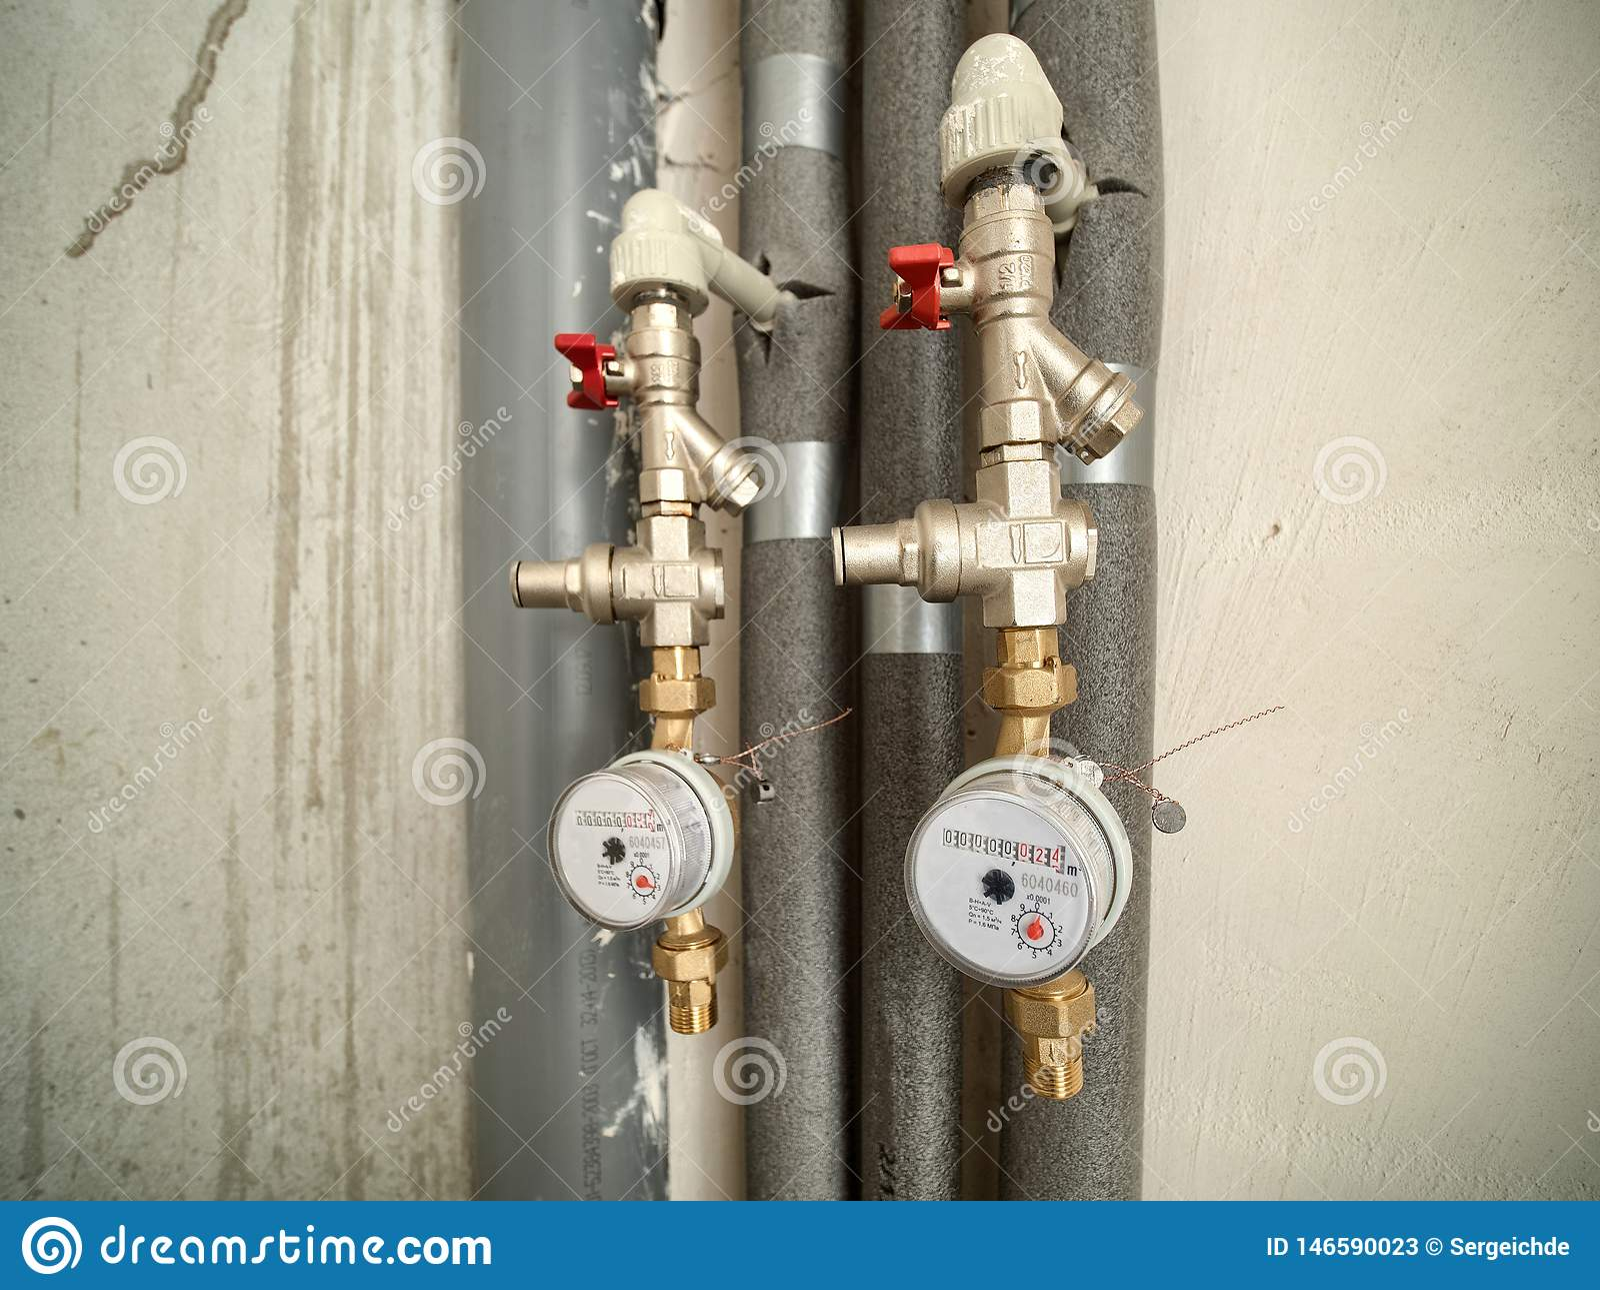 Two water meters in bathroom of new flat.